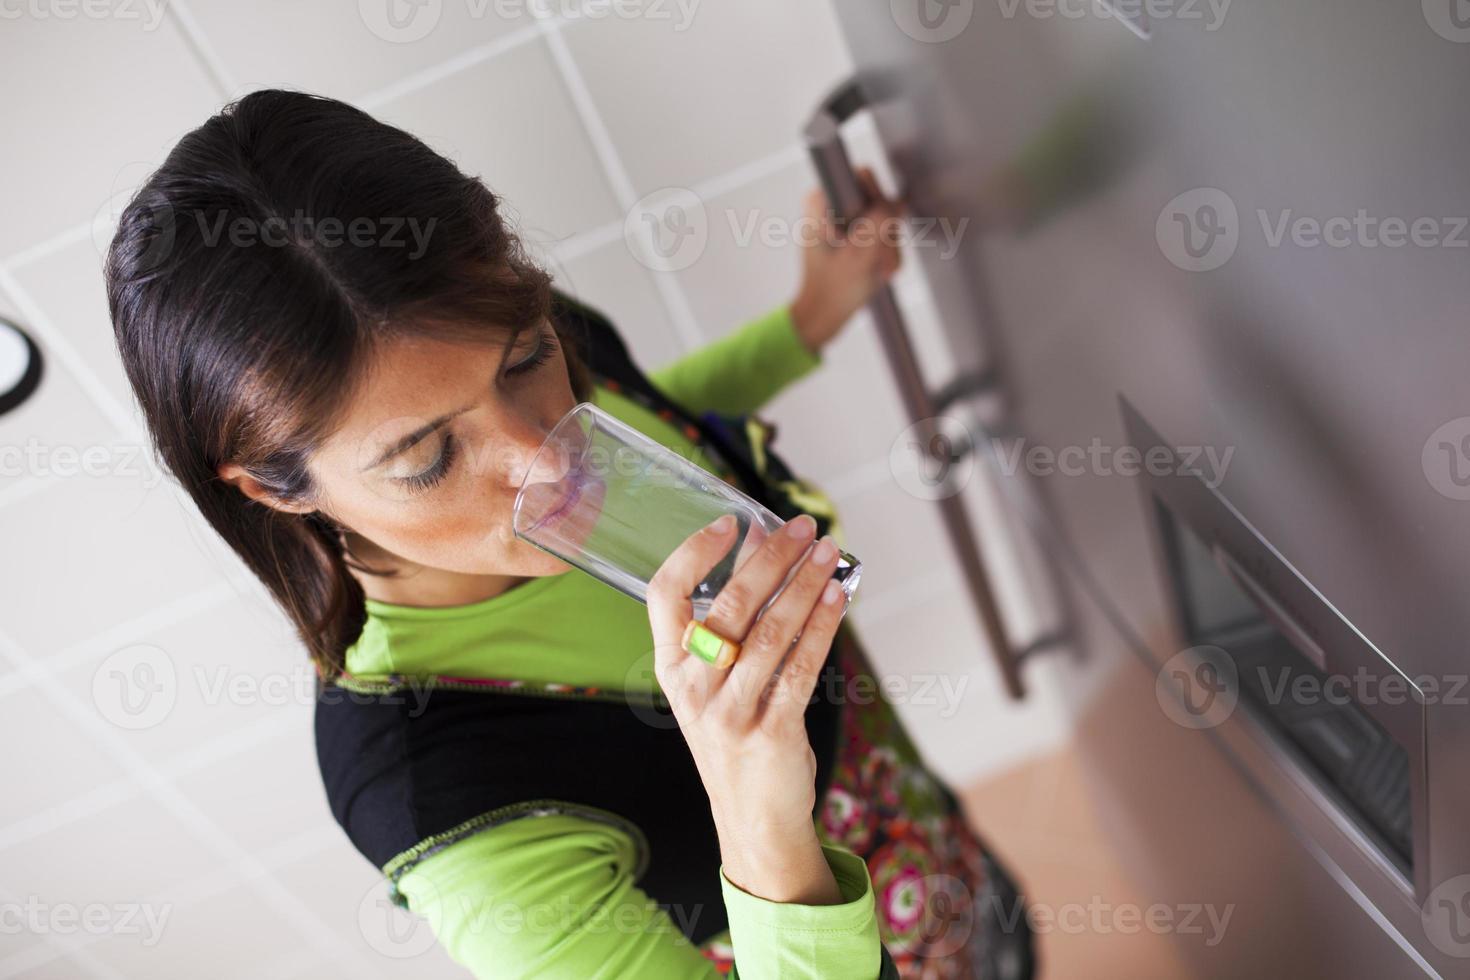 vrouw drinkt zoet water foto